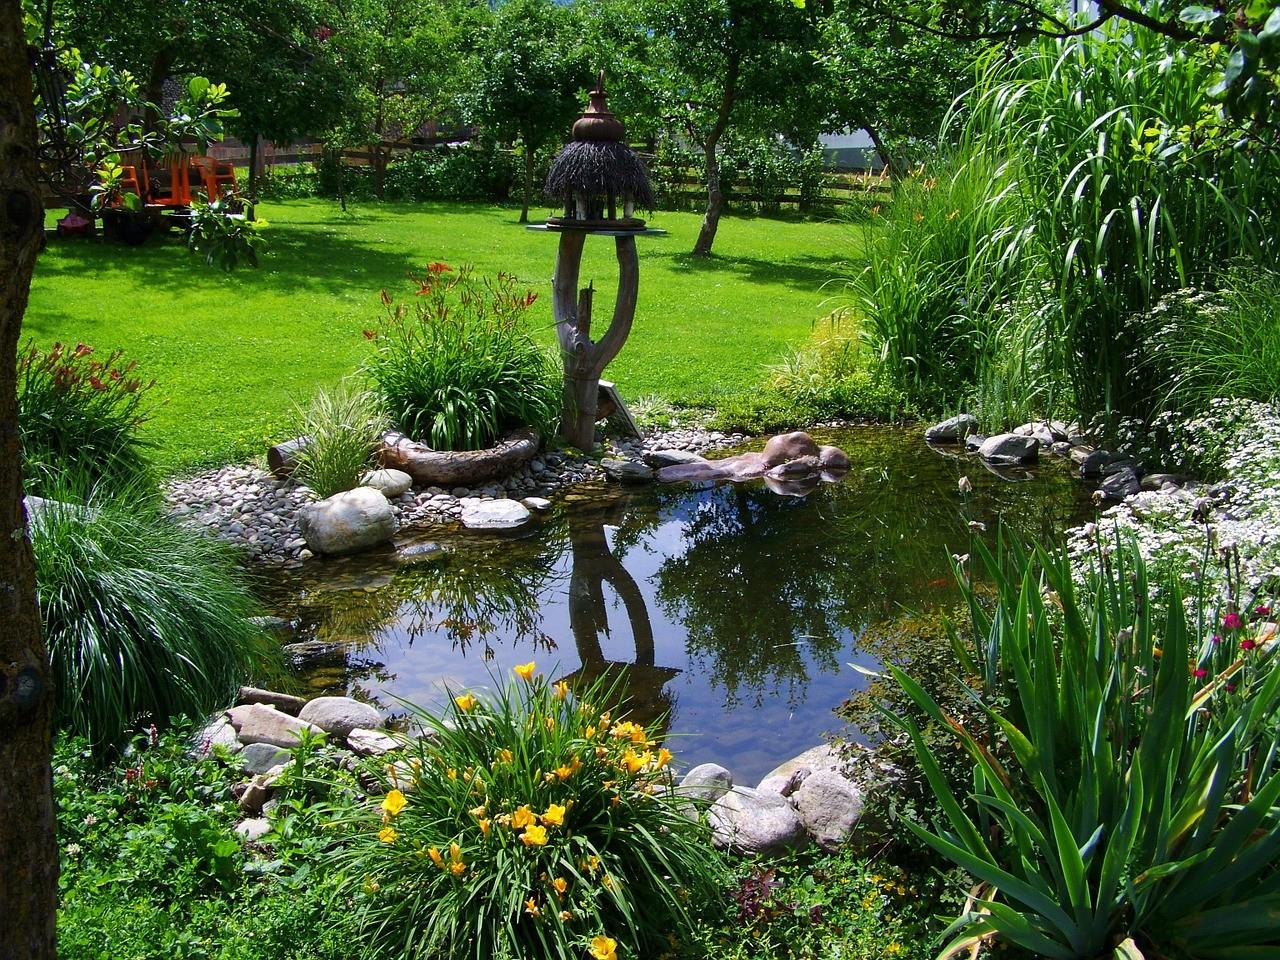 Construire Un Bassin Au Jardin : C'est Facile - City Plante ... dedans Construire Un Bassin De Jardin